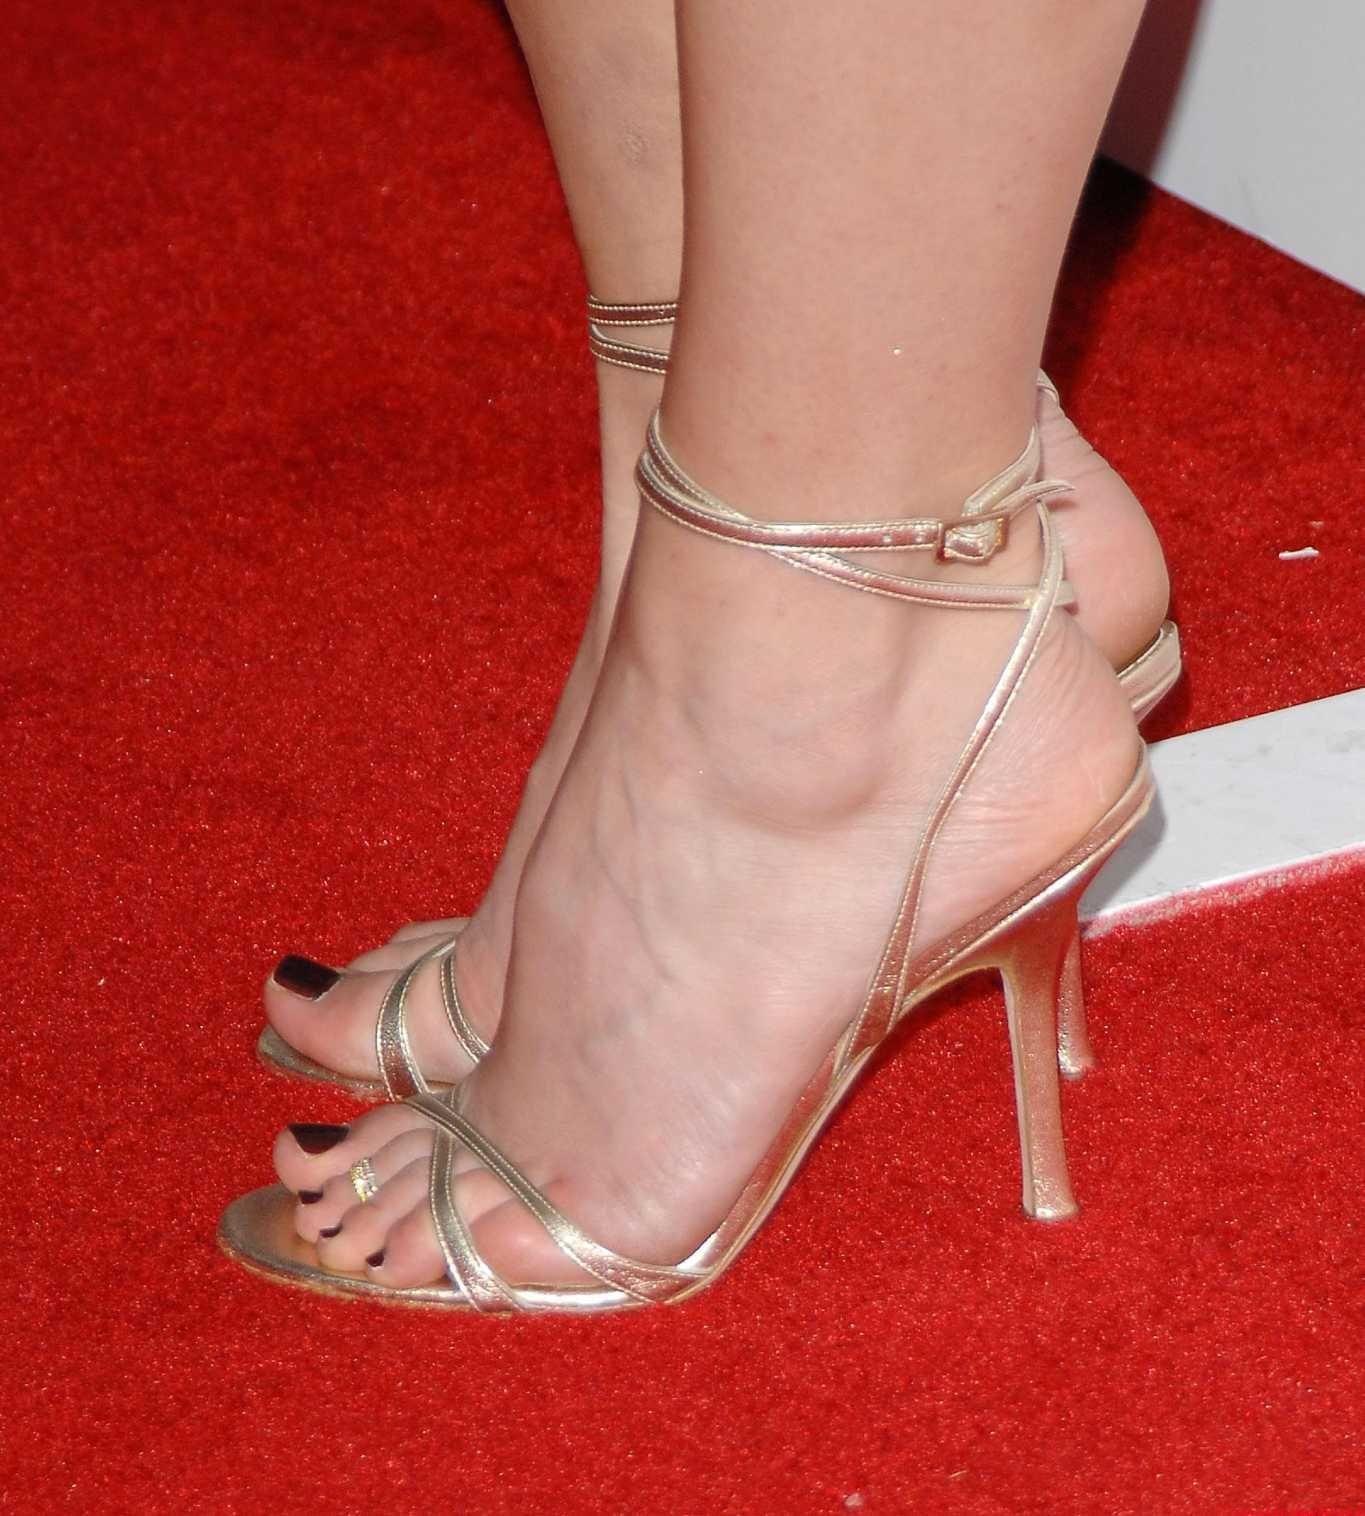 Jewel Kilcher feet pictures, Jewel Kilcher legs, Jewel Kilcher toes, Jewel  Kilcher barefoot and shoes. Jewel Kilcher is a marvelous American.